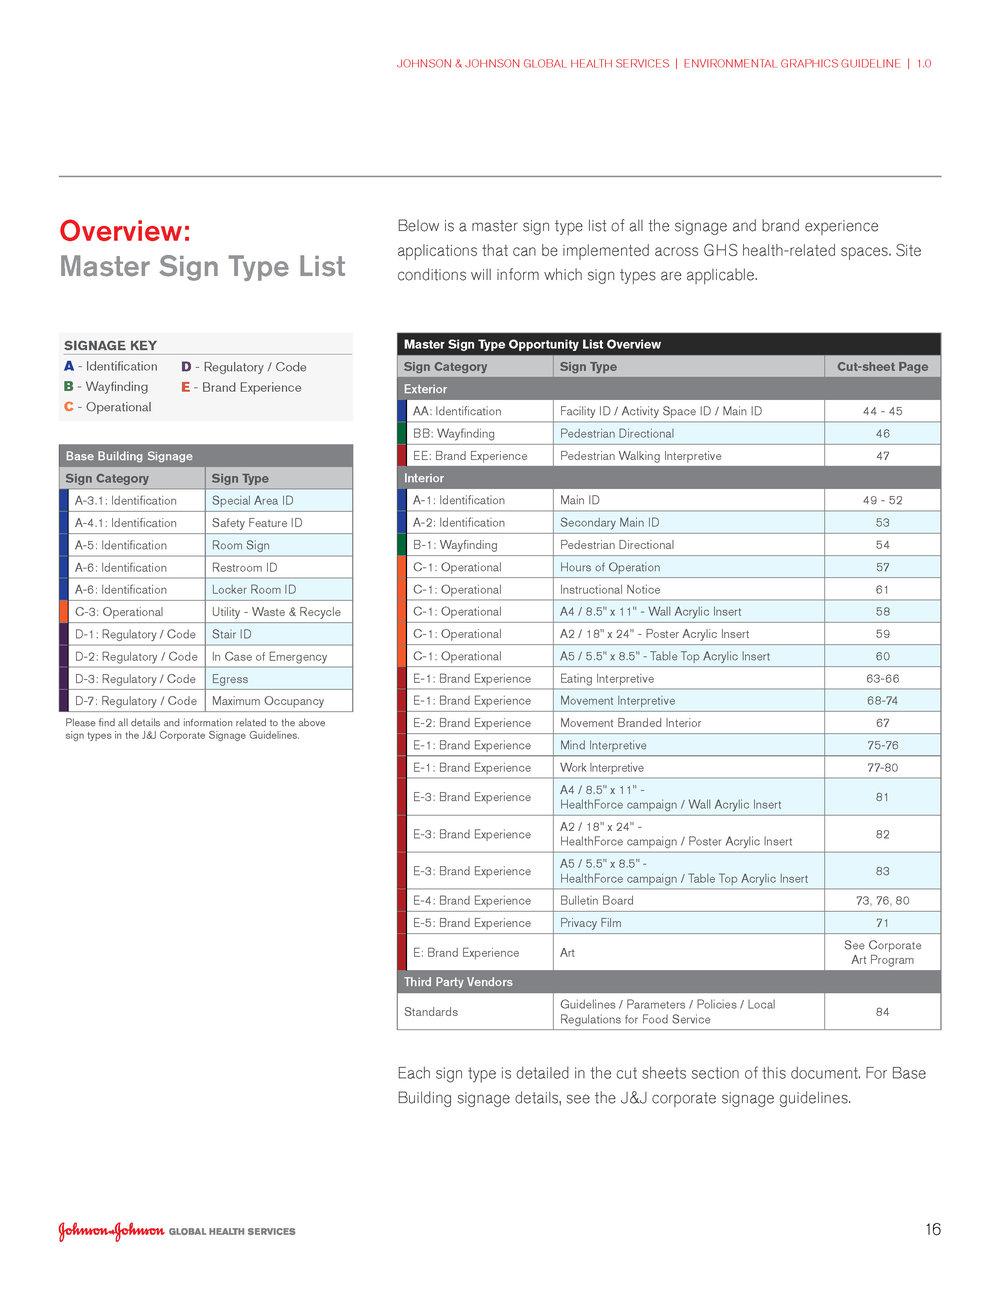 170929_GHS-EnvironmentalGuidelines_1.0 copy_Page_016.jpg